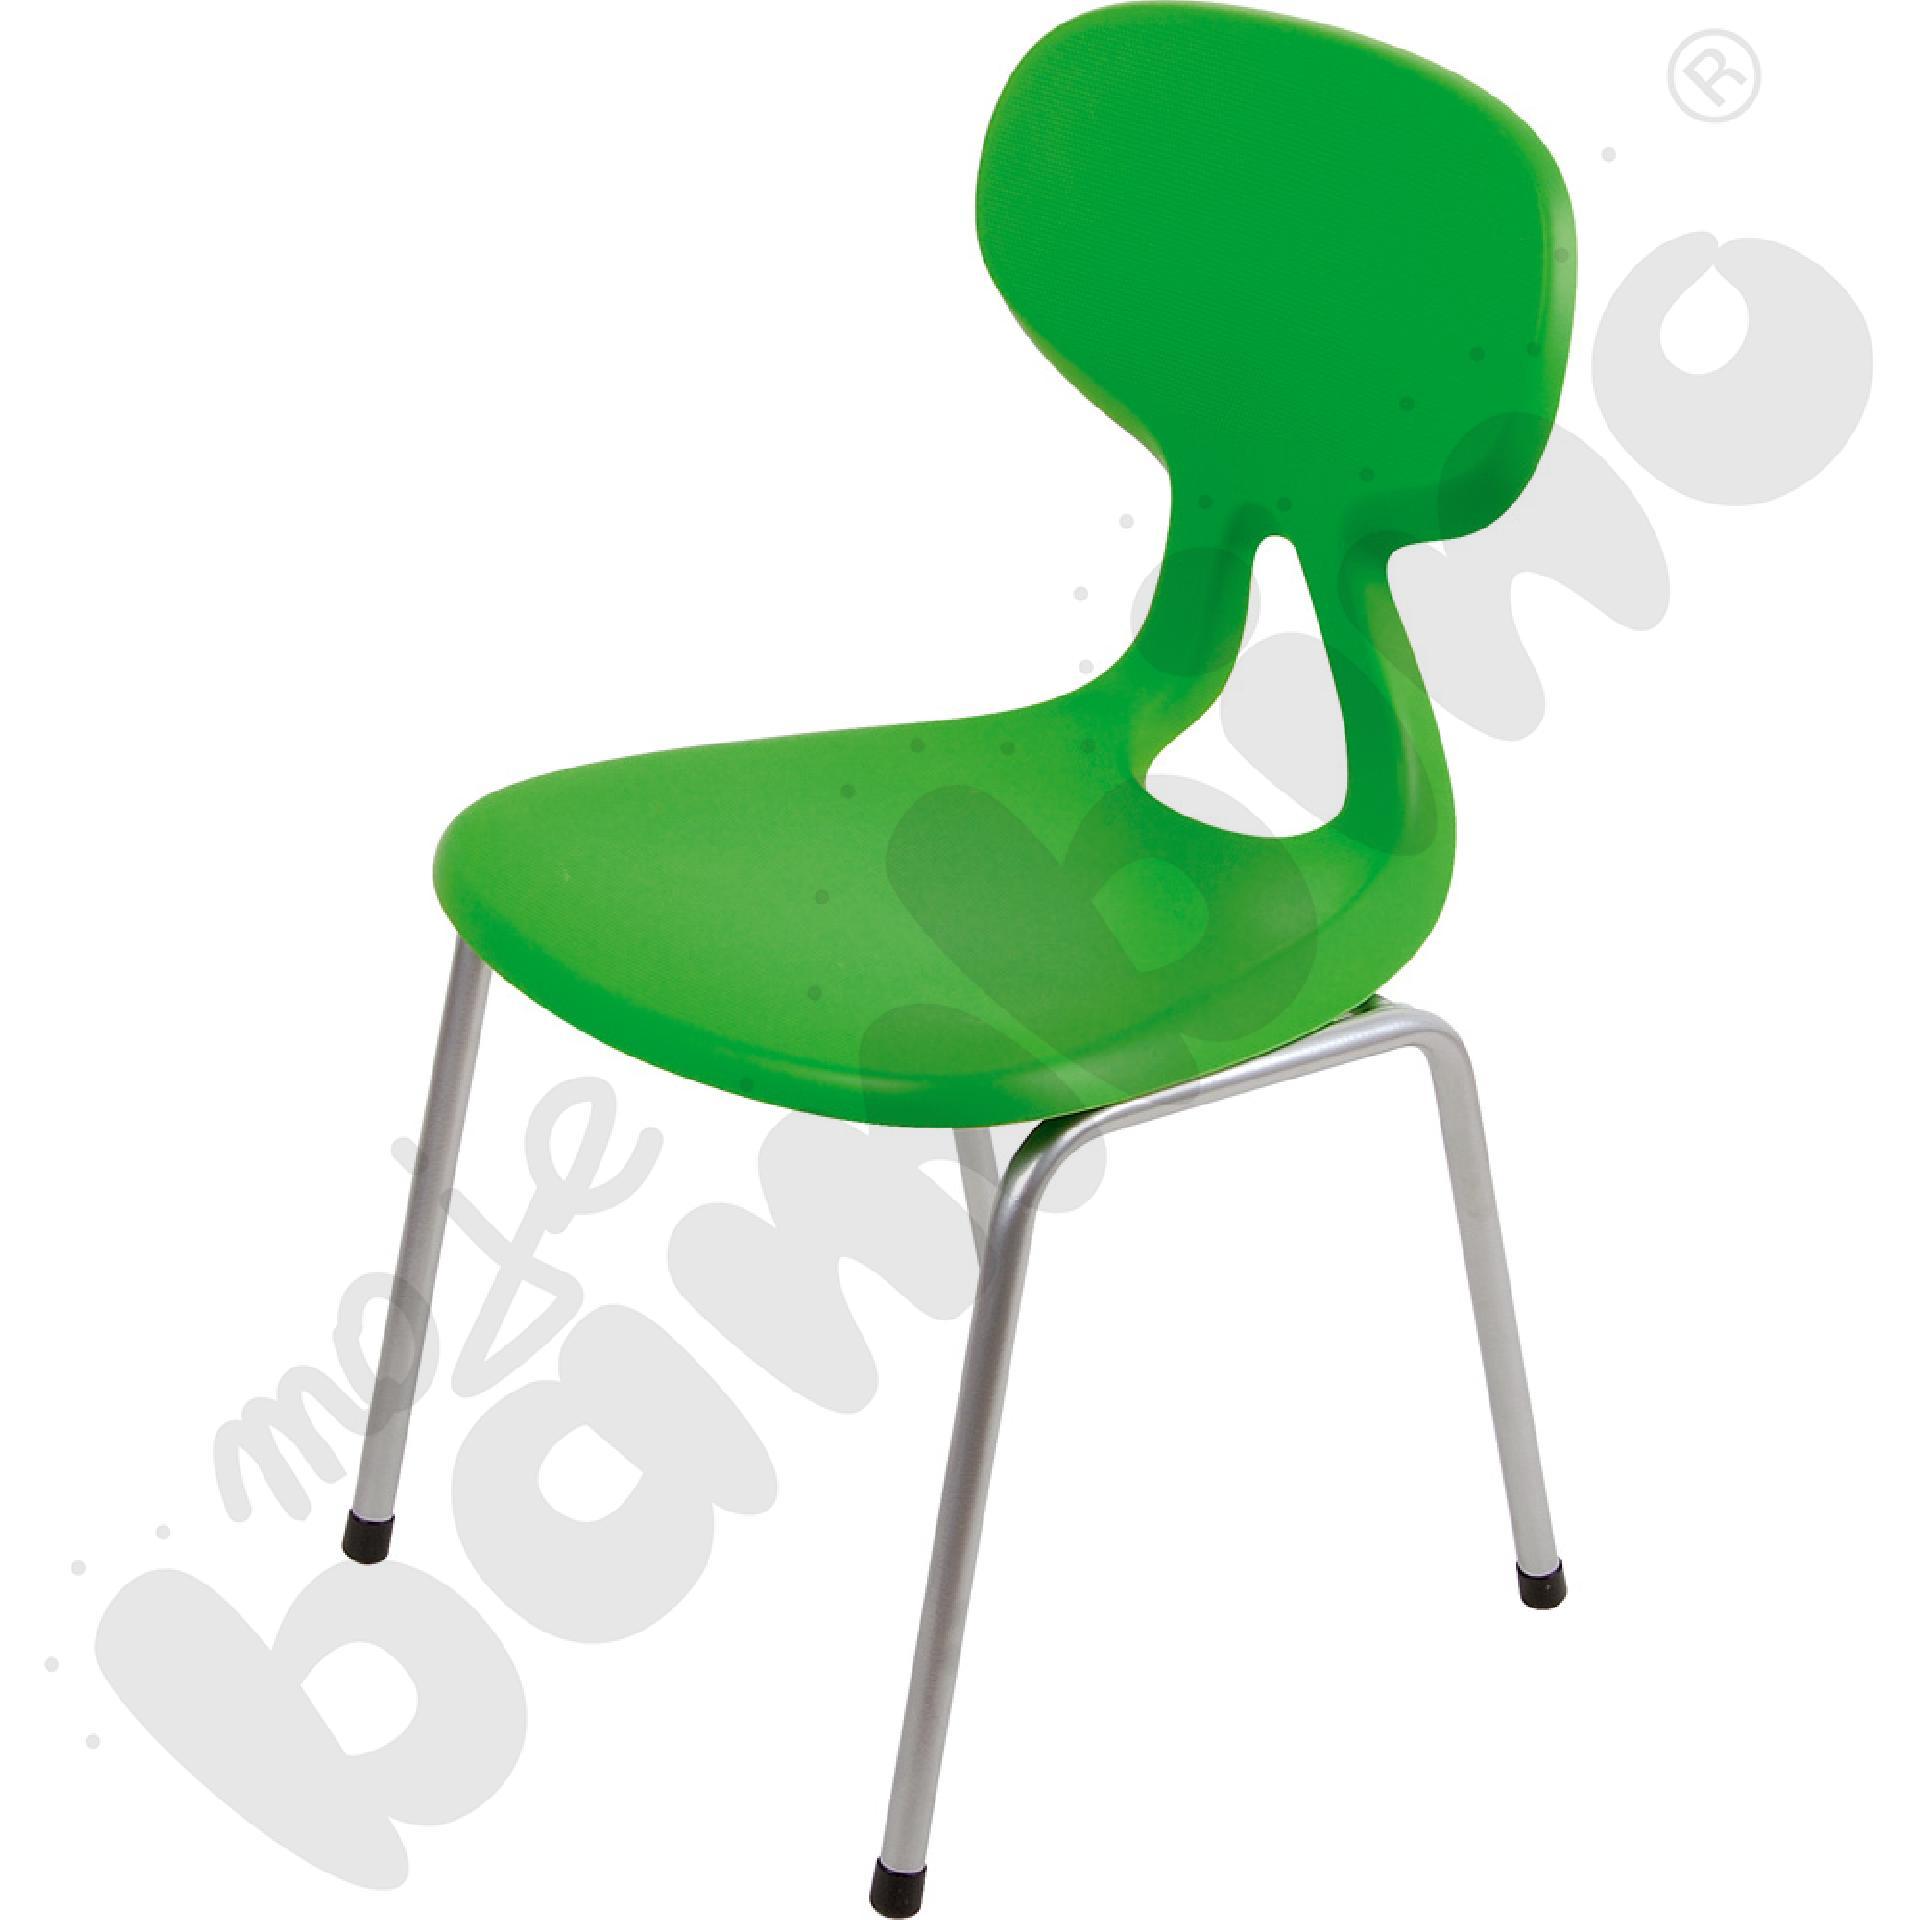 Krzesło Colores rozm. 5 zielone